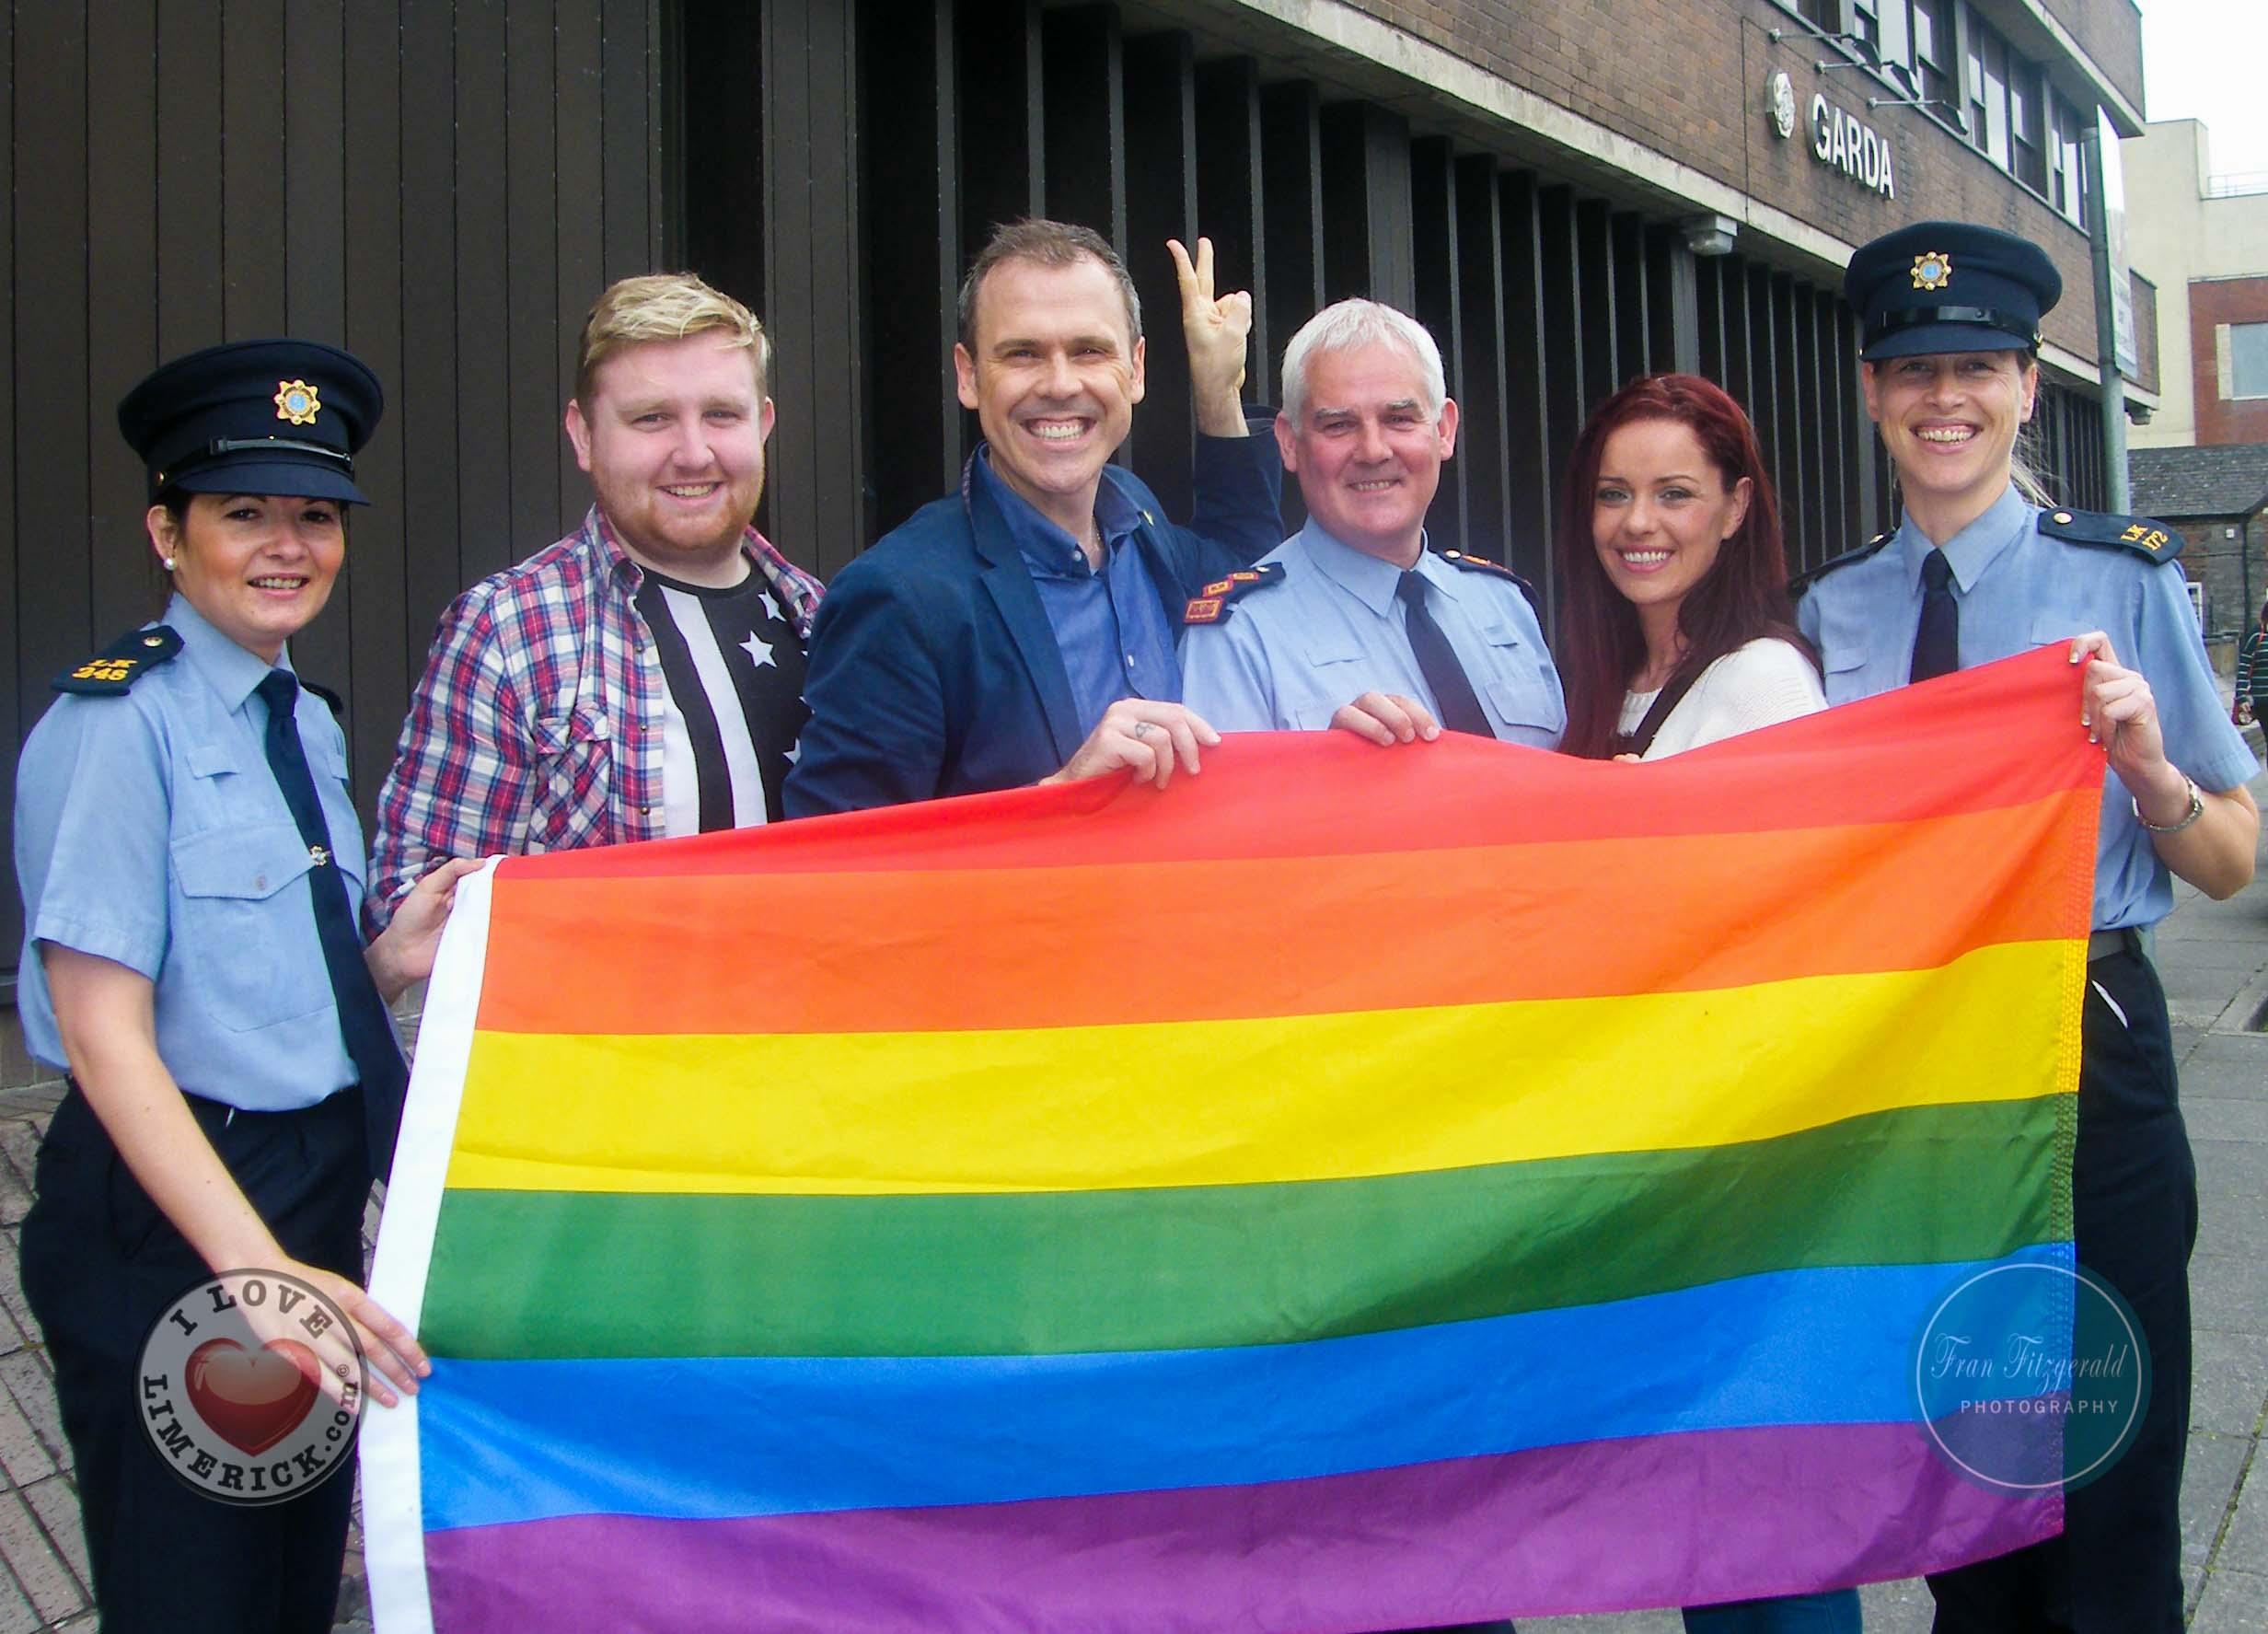 Limerick Garda station flies pride flag for equality